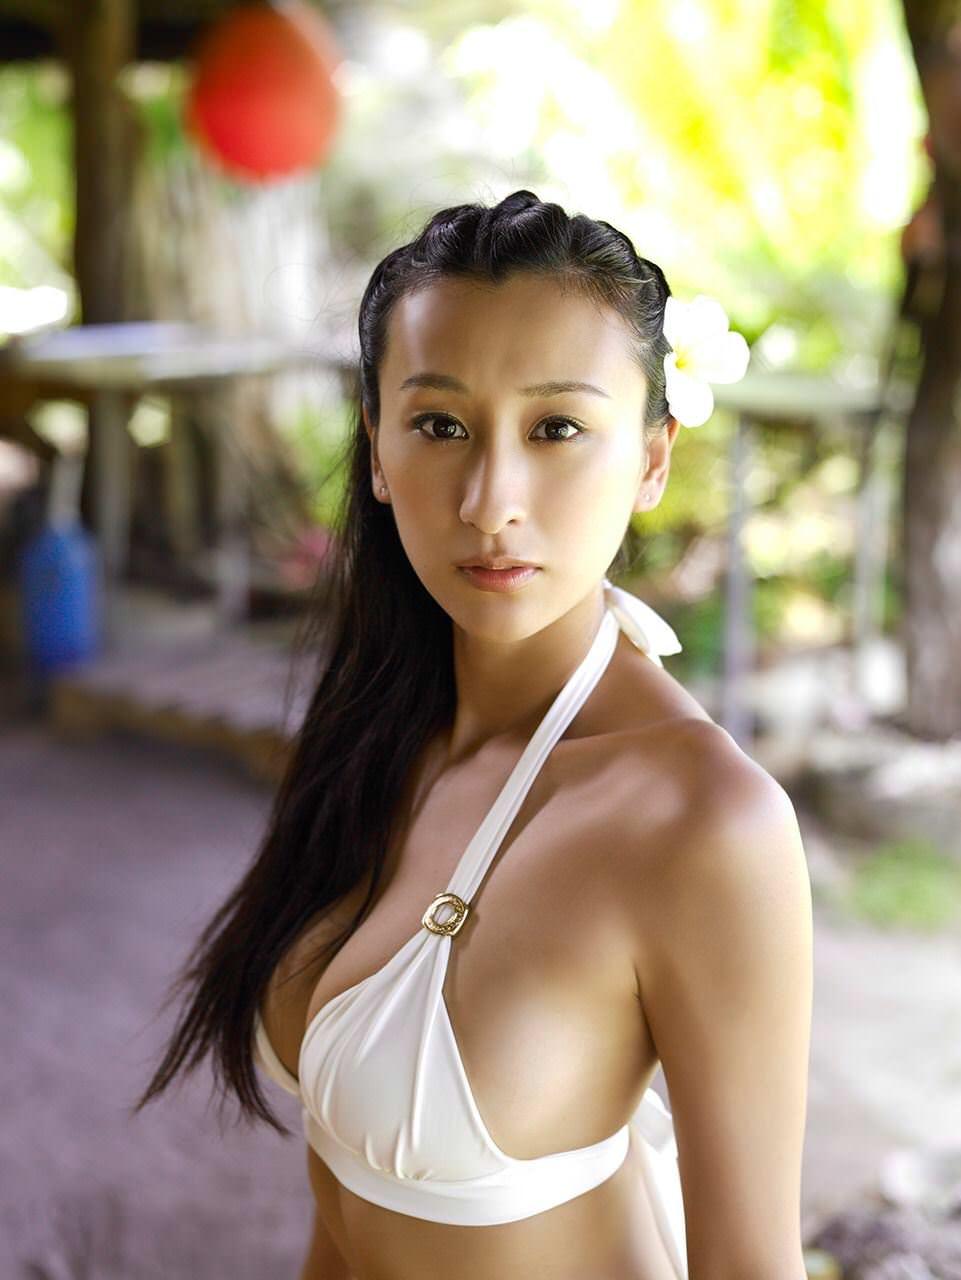 浅田舞26歳、付き合った人数3人のみFカップwwwwww【画像】